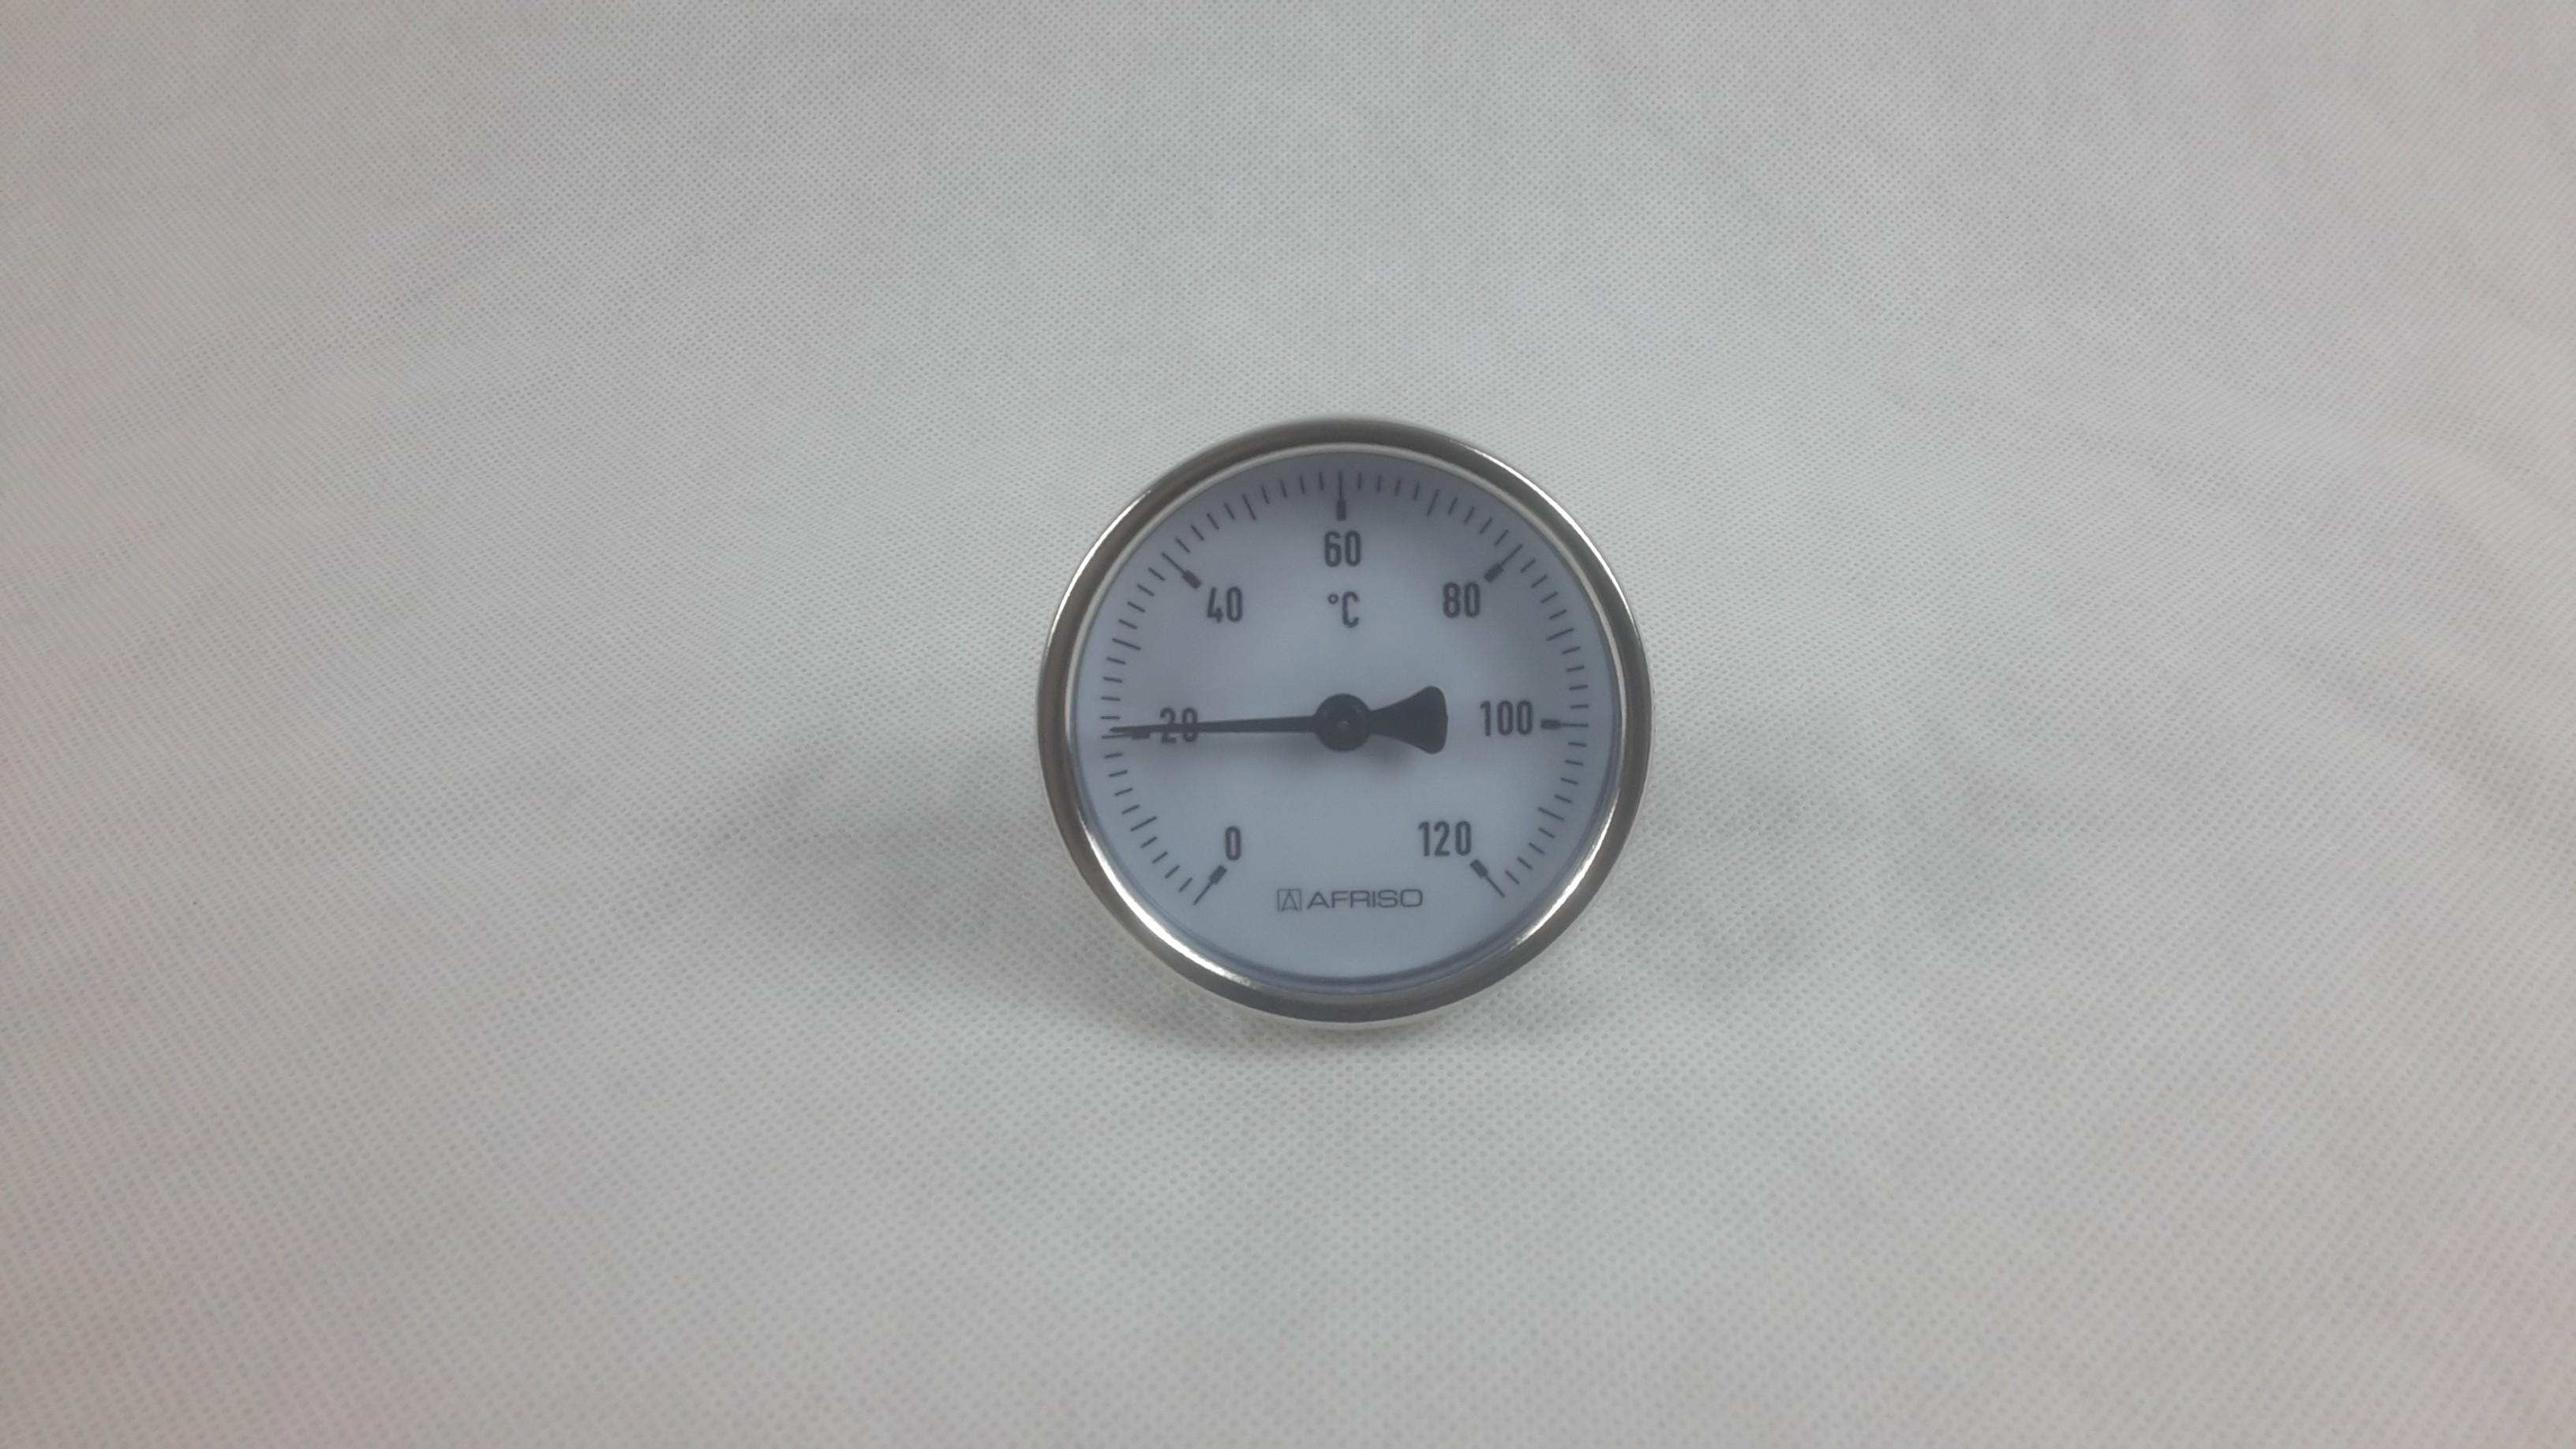 Bimetall Zeigerthermometer mit Stahlblechgehäuße